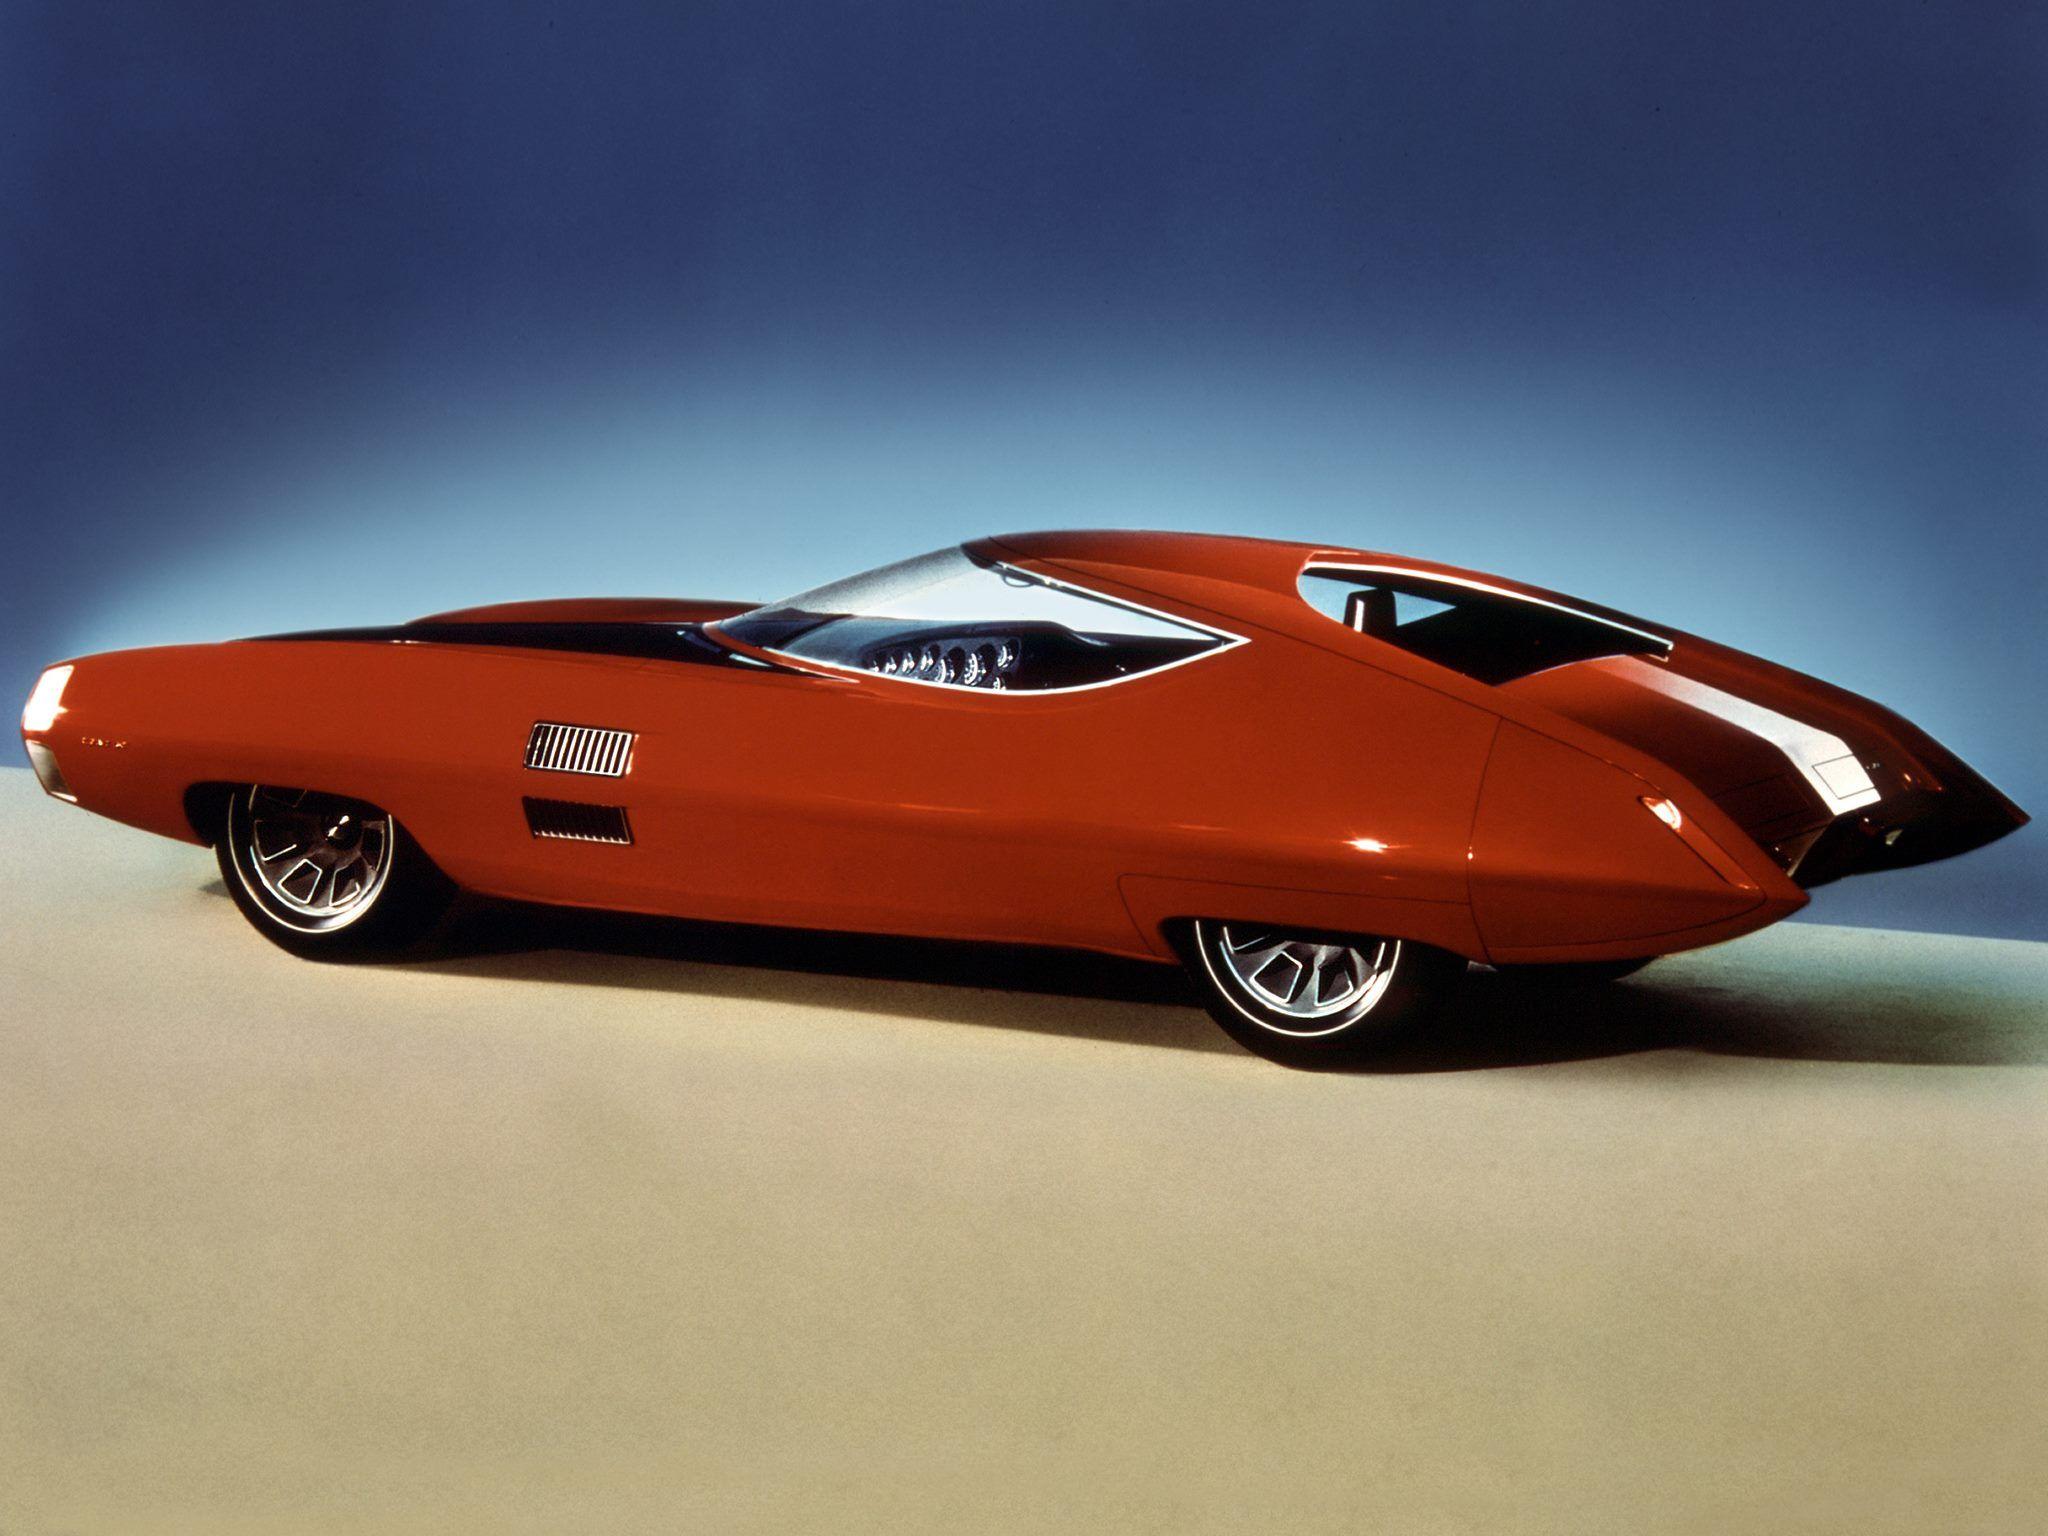 1969 pontiac cirrus concept car the 1969 pontiac cirrus was the 1964 rh pinterest com